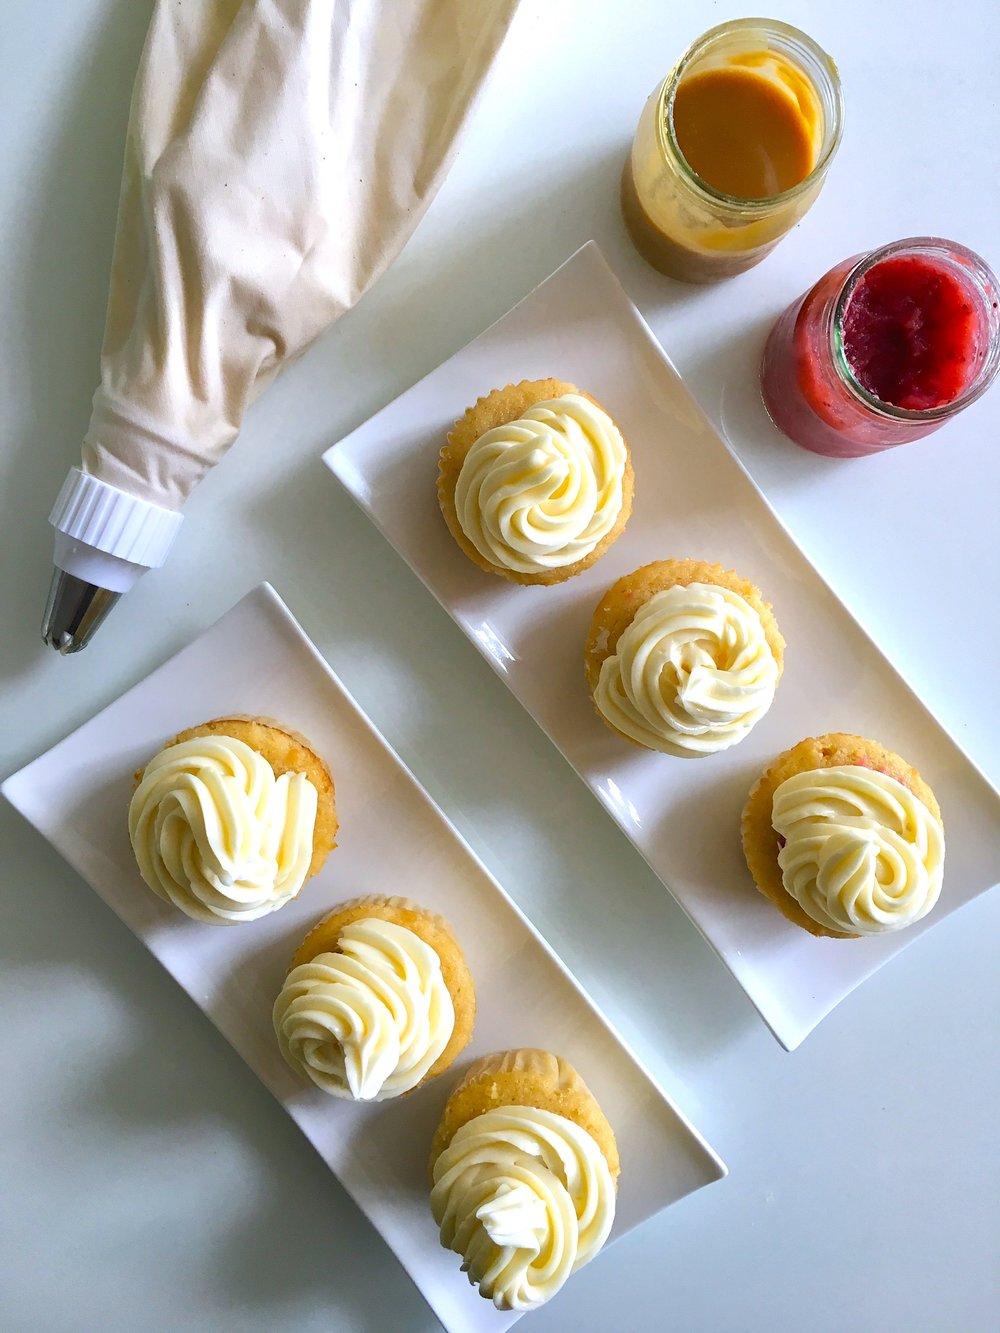 van cupcakes18.jpg